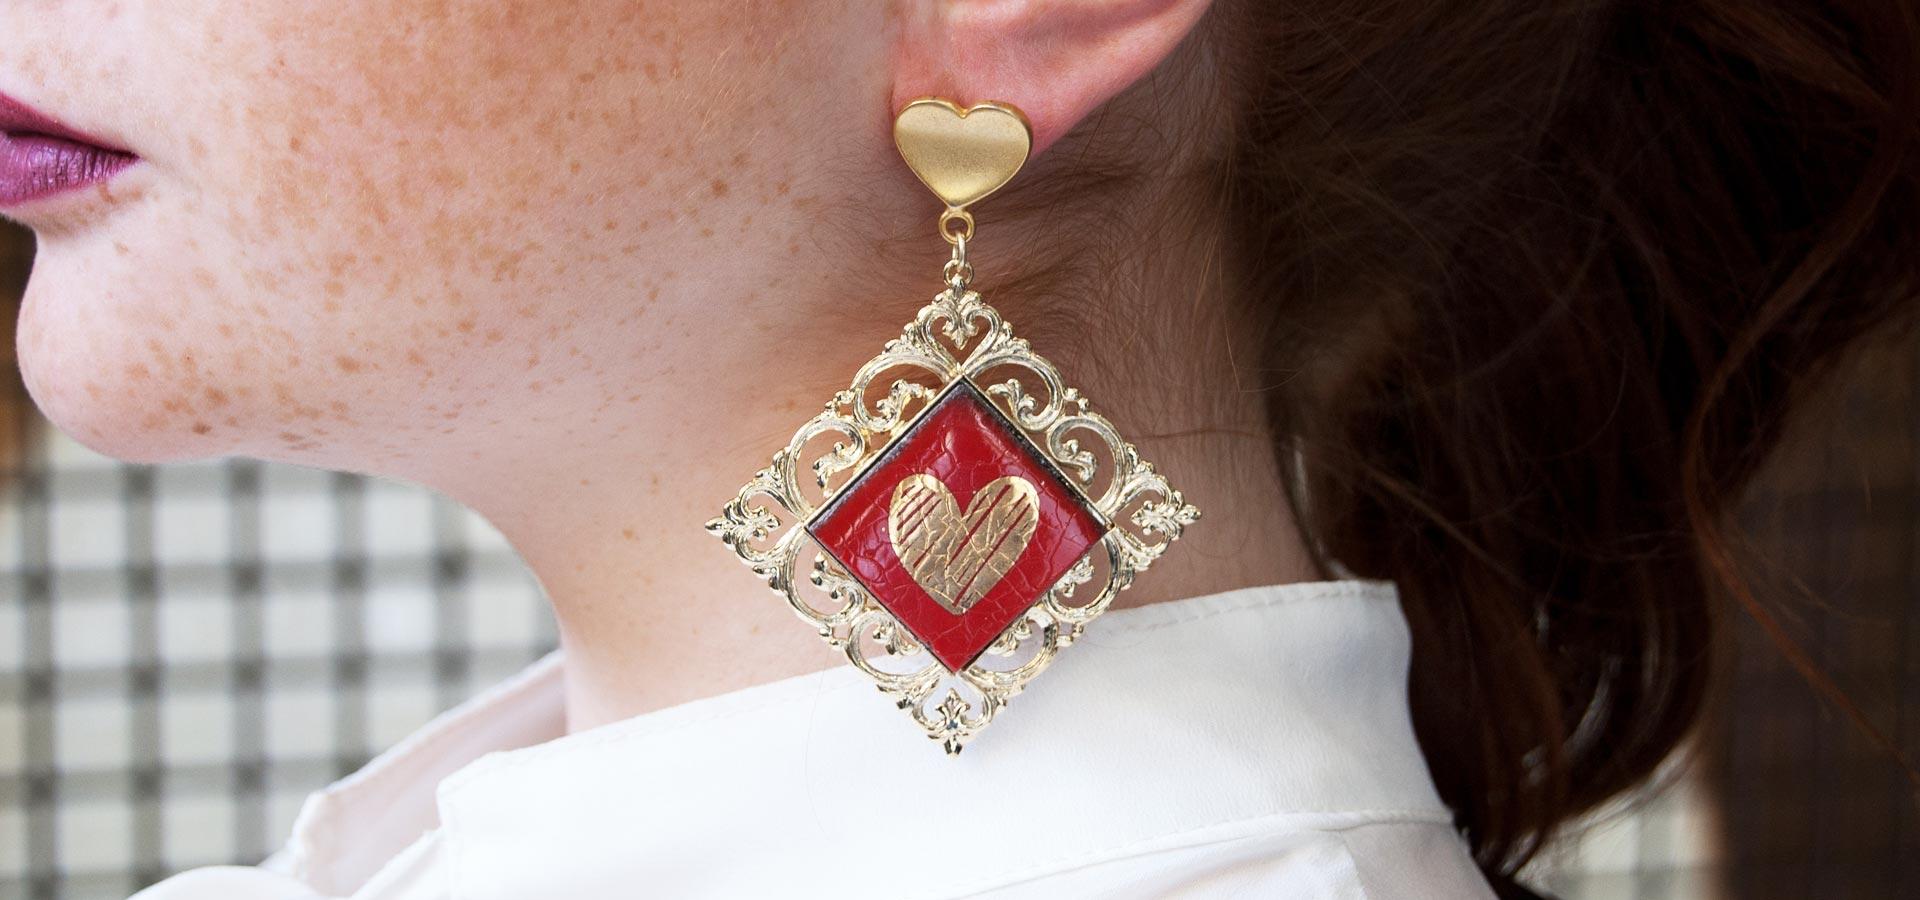 orecchini siciliani in pietra lavica con cuore